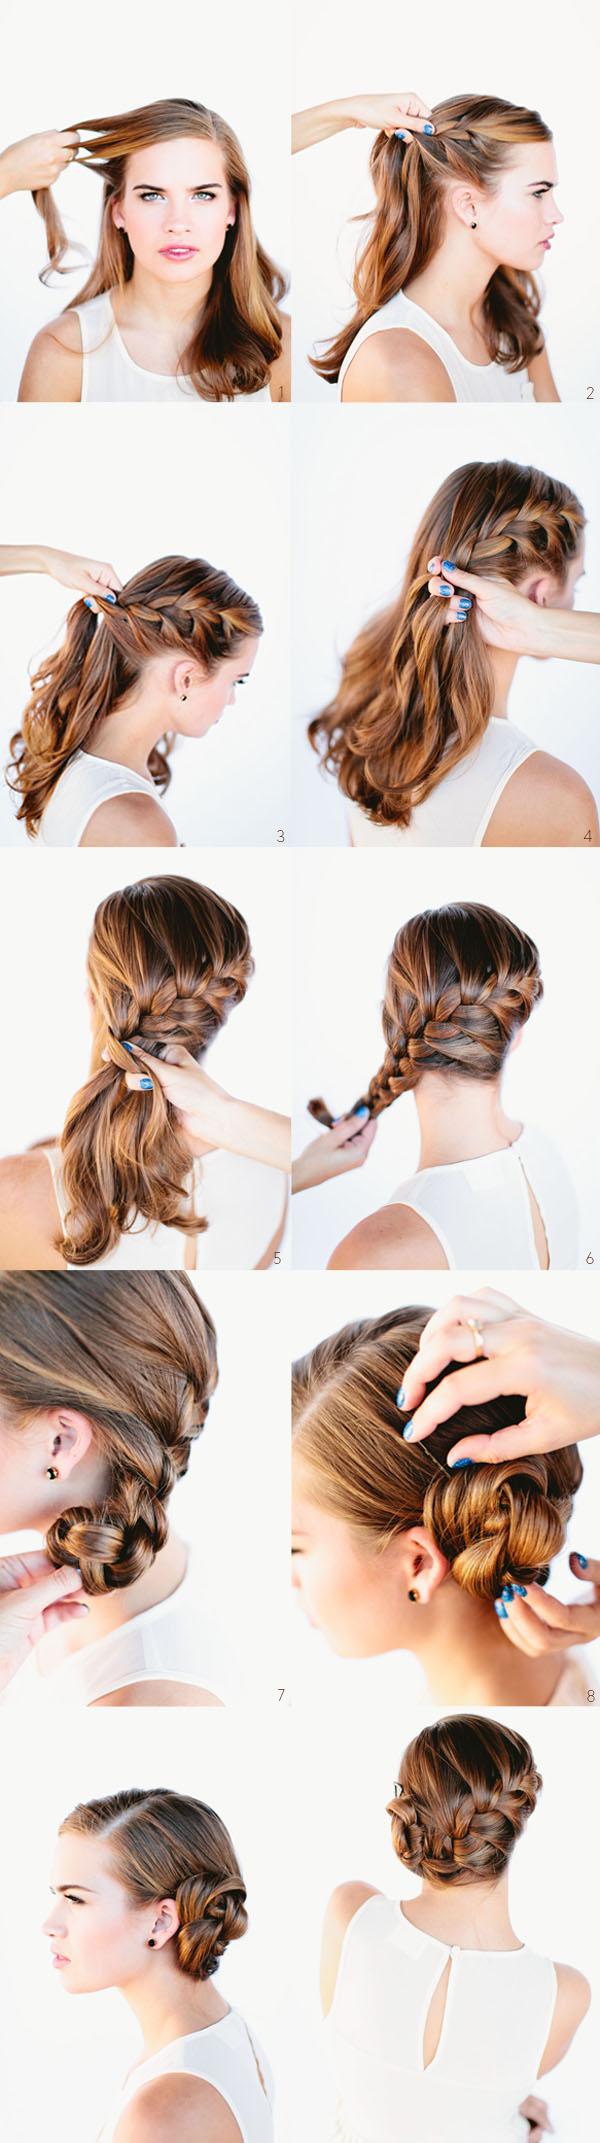 Причёски на длинные волосы на торжество пошагово